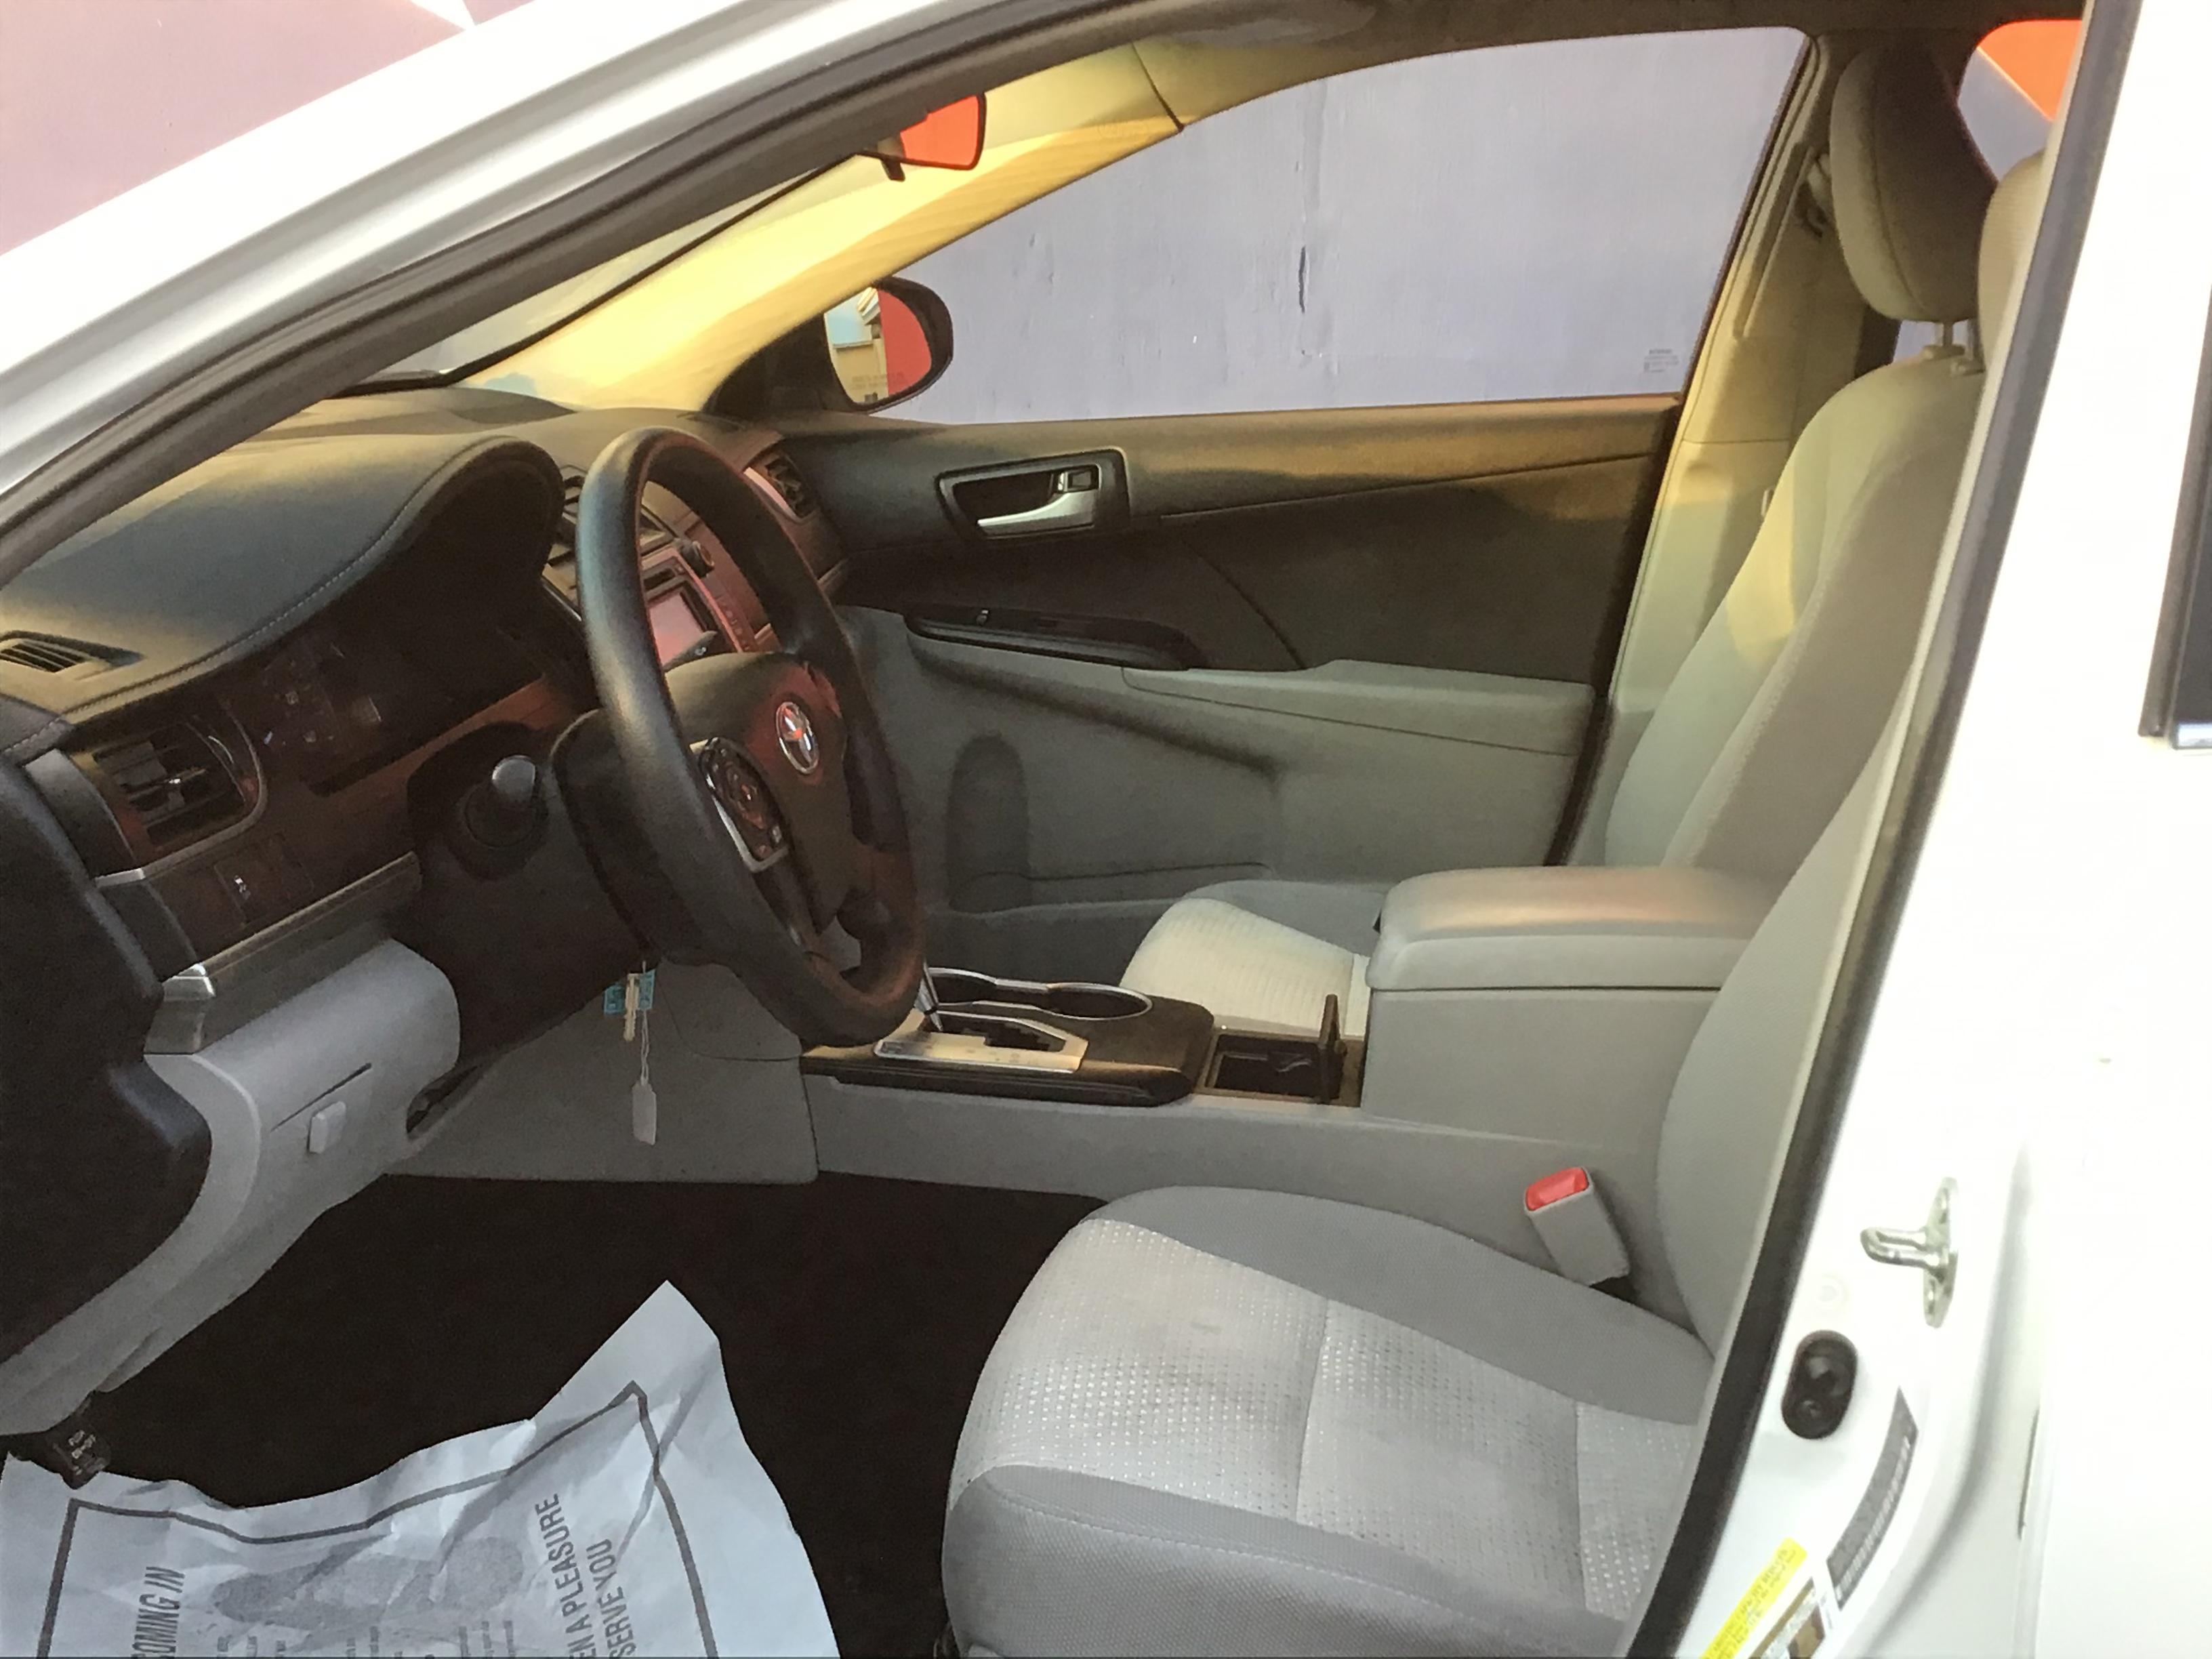 used vehicle - Sedan TOYOTA CAMRY 2014